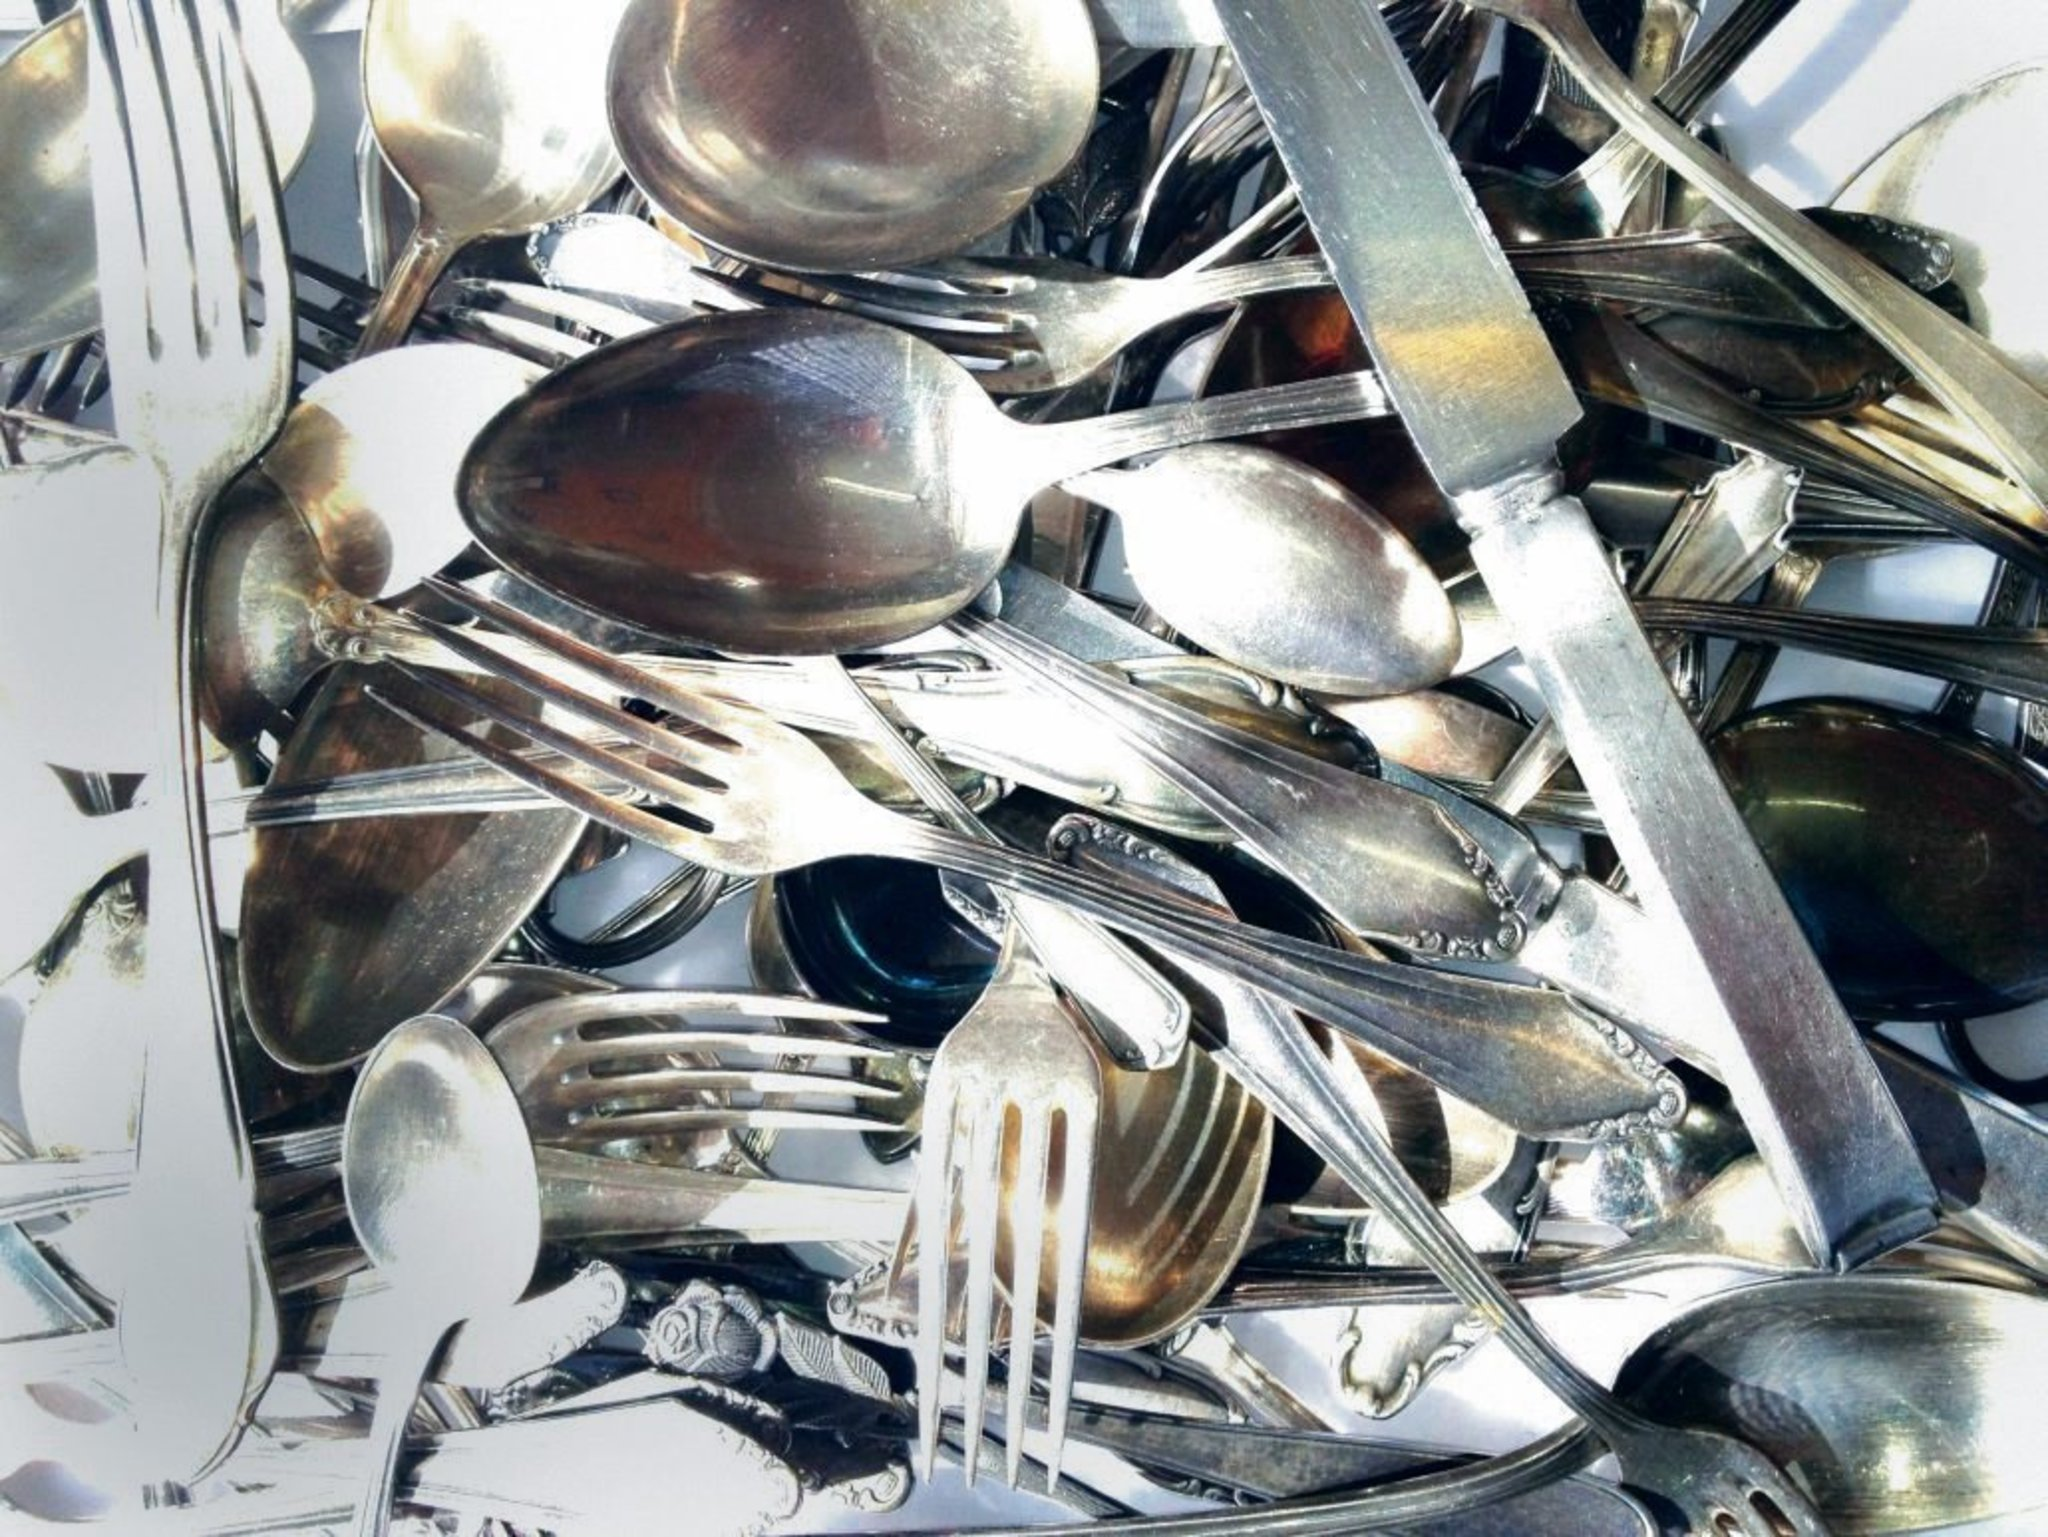 Beliebt Haben Sie wirklich echtes Silber? - Waidmannslust WJ85